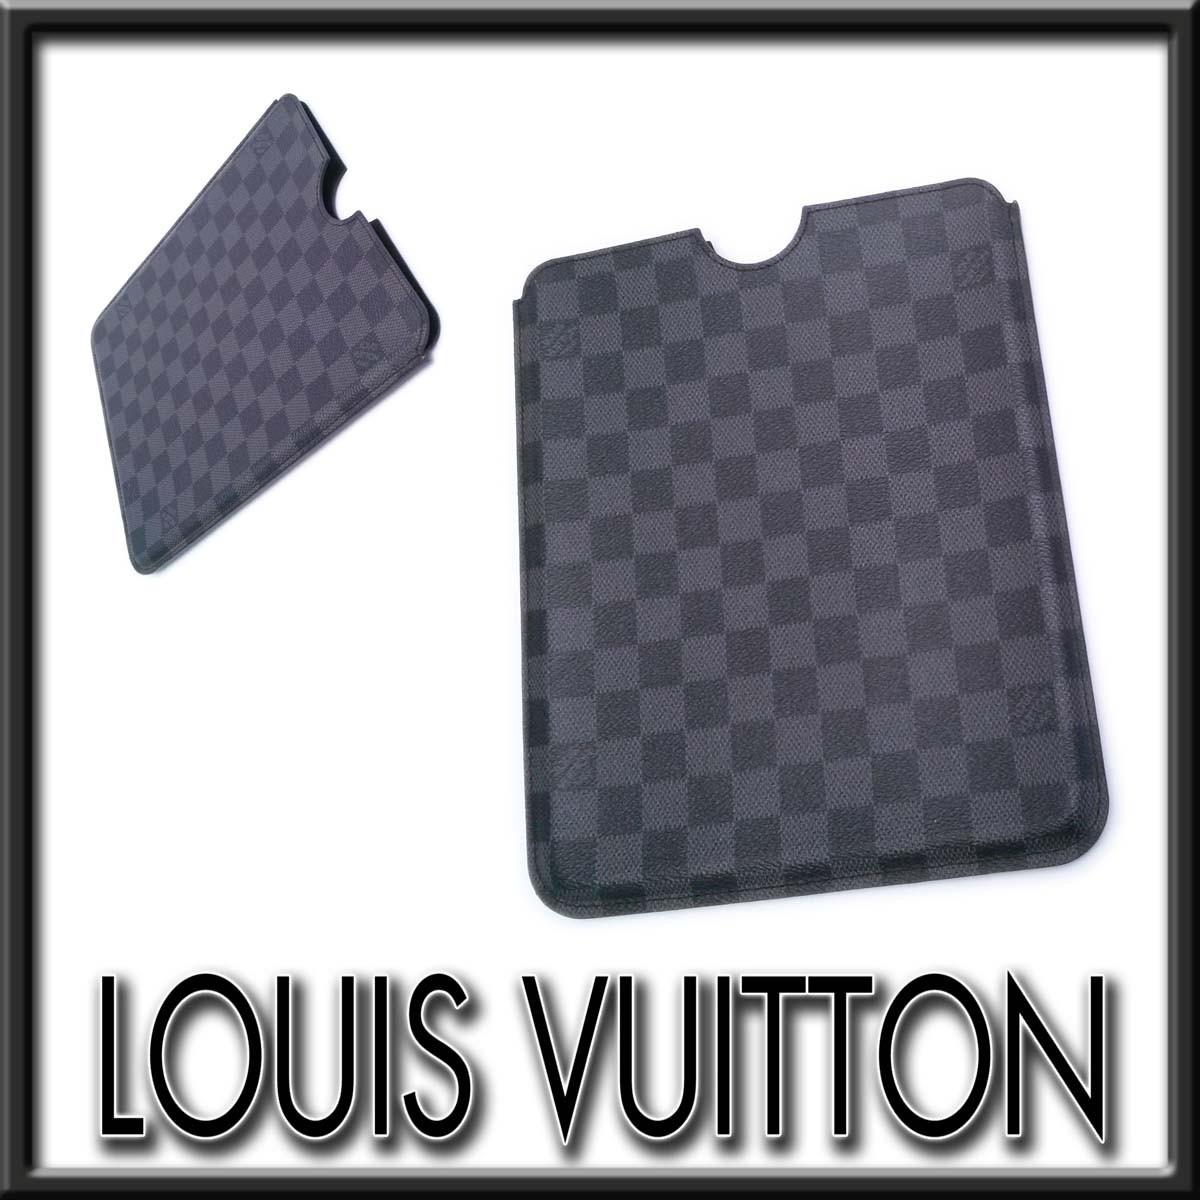 【美品】ルイヴィトン ダミエグラフィット iPad2ケース N63105 フランス製 たばこの匂いあり appre5967【一撃即決】